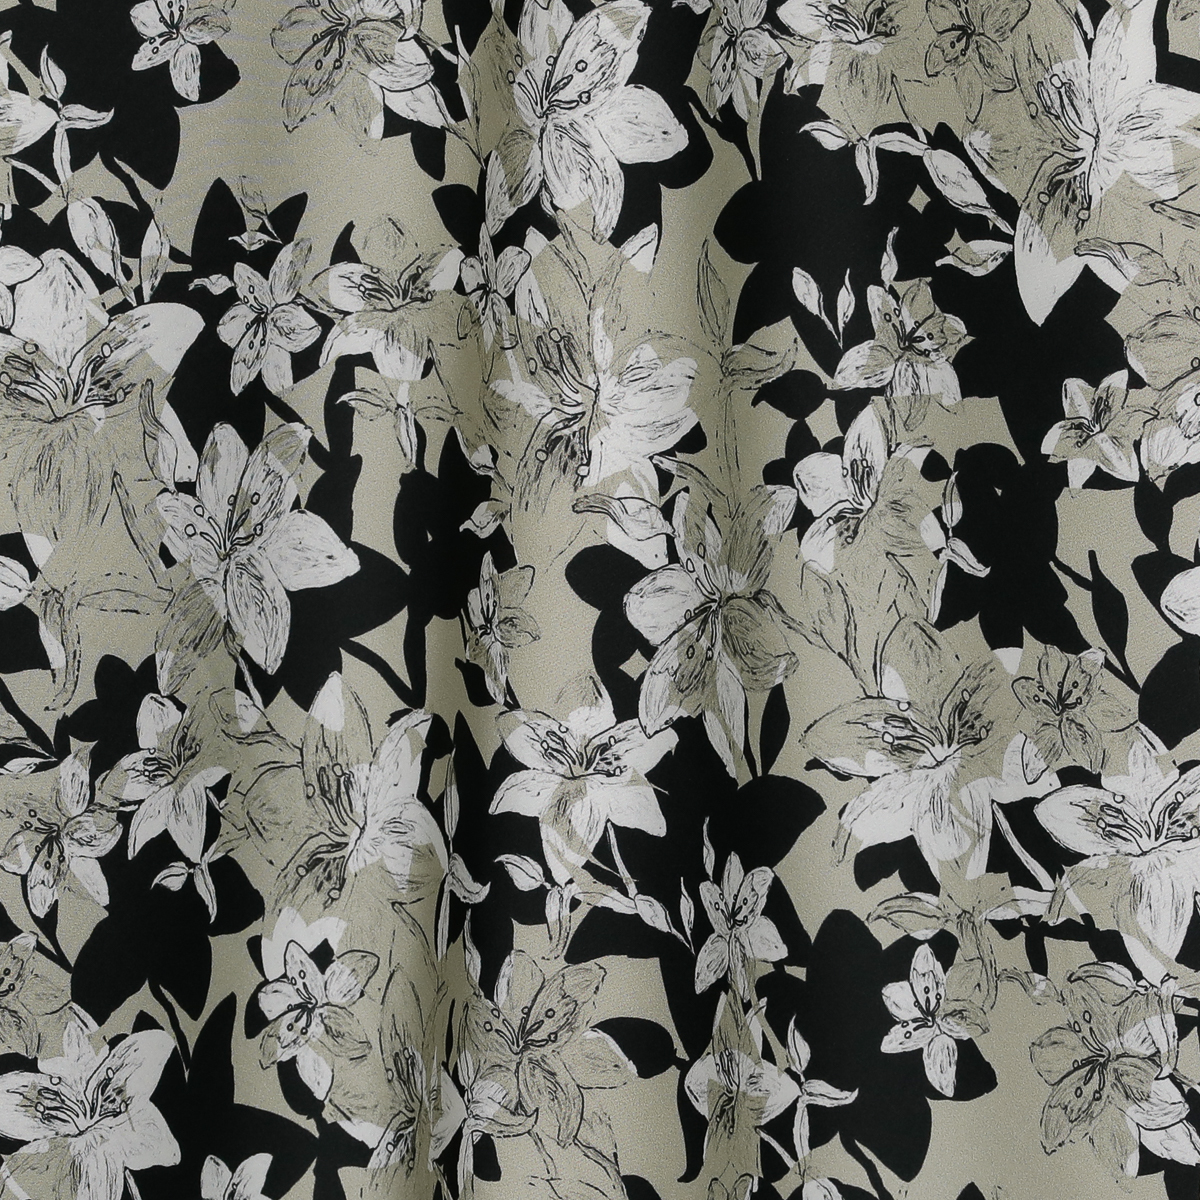 Шёлковое полотно с принтом бежево-белых цветов